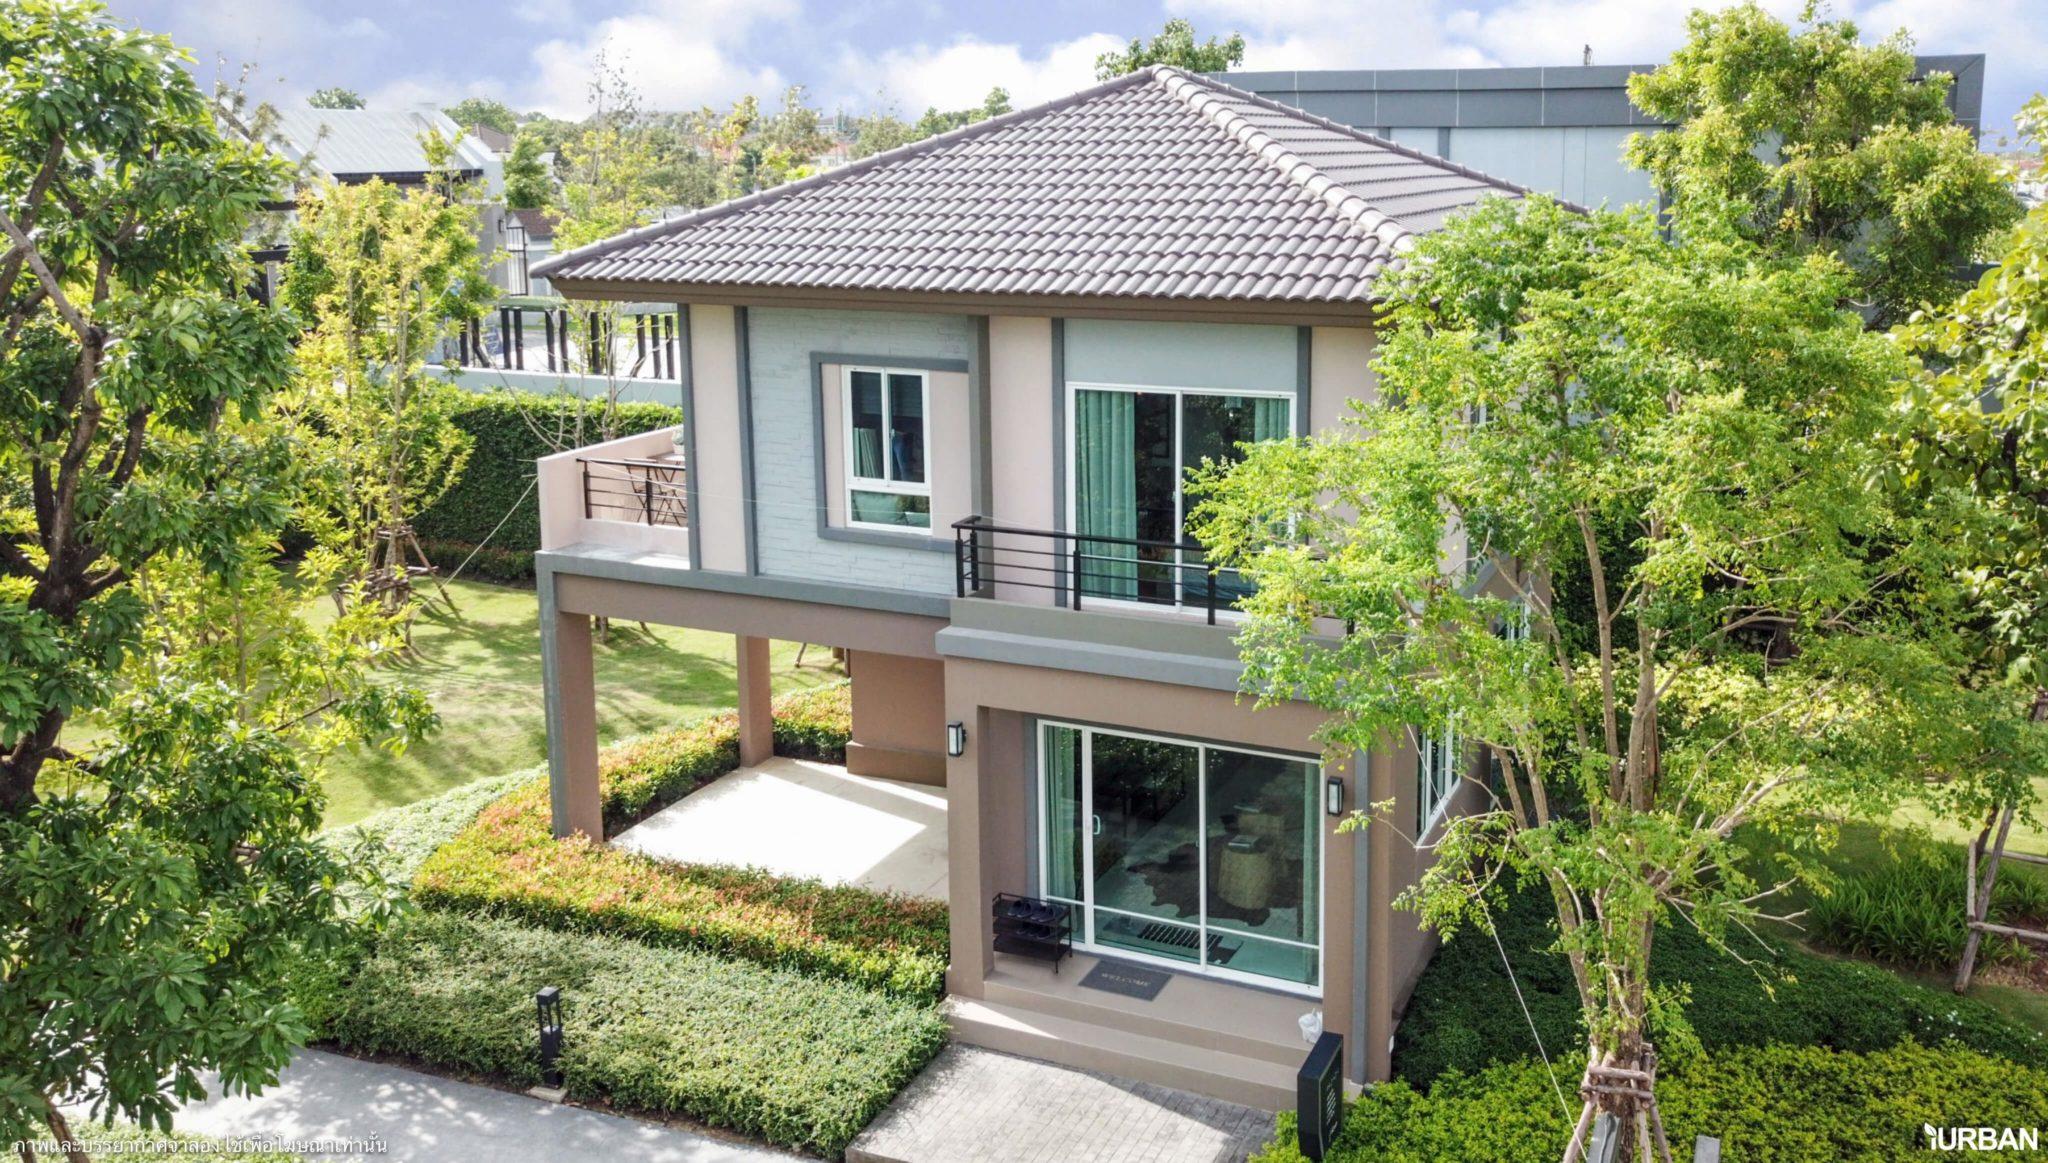 The Plant เทพารักษ์-บางนา ชมบ้านตัวอย่างและรีวิวโครงการ บ้านเดี่ยวดีไซน์สวย ทำเลดีใกล้ห้างและตลาด เริ่ม 3.8 ล้าน 13 - Megabangna (เมกาบางนา)